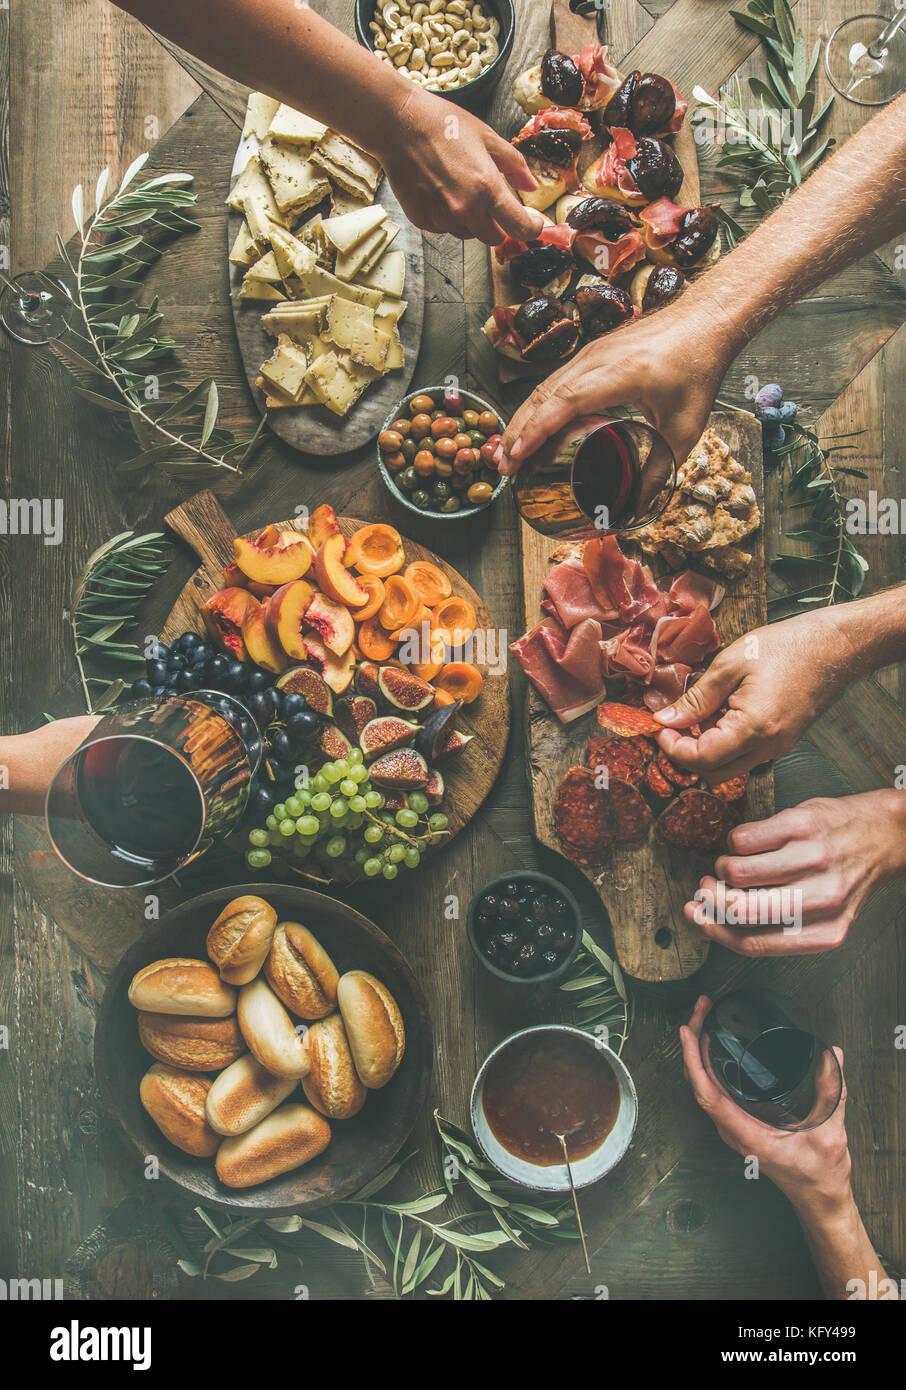 Télévision à jeter des mains d'amis manger et boire ensemble Photo Stock